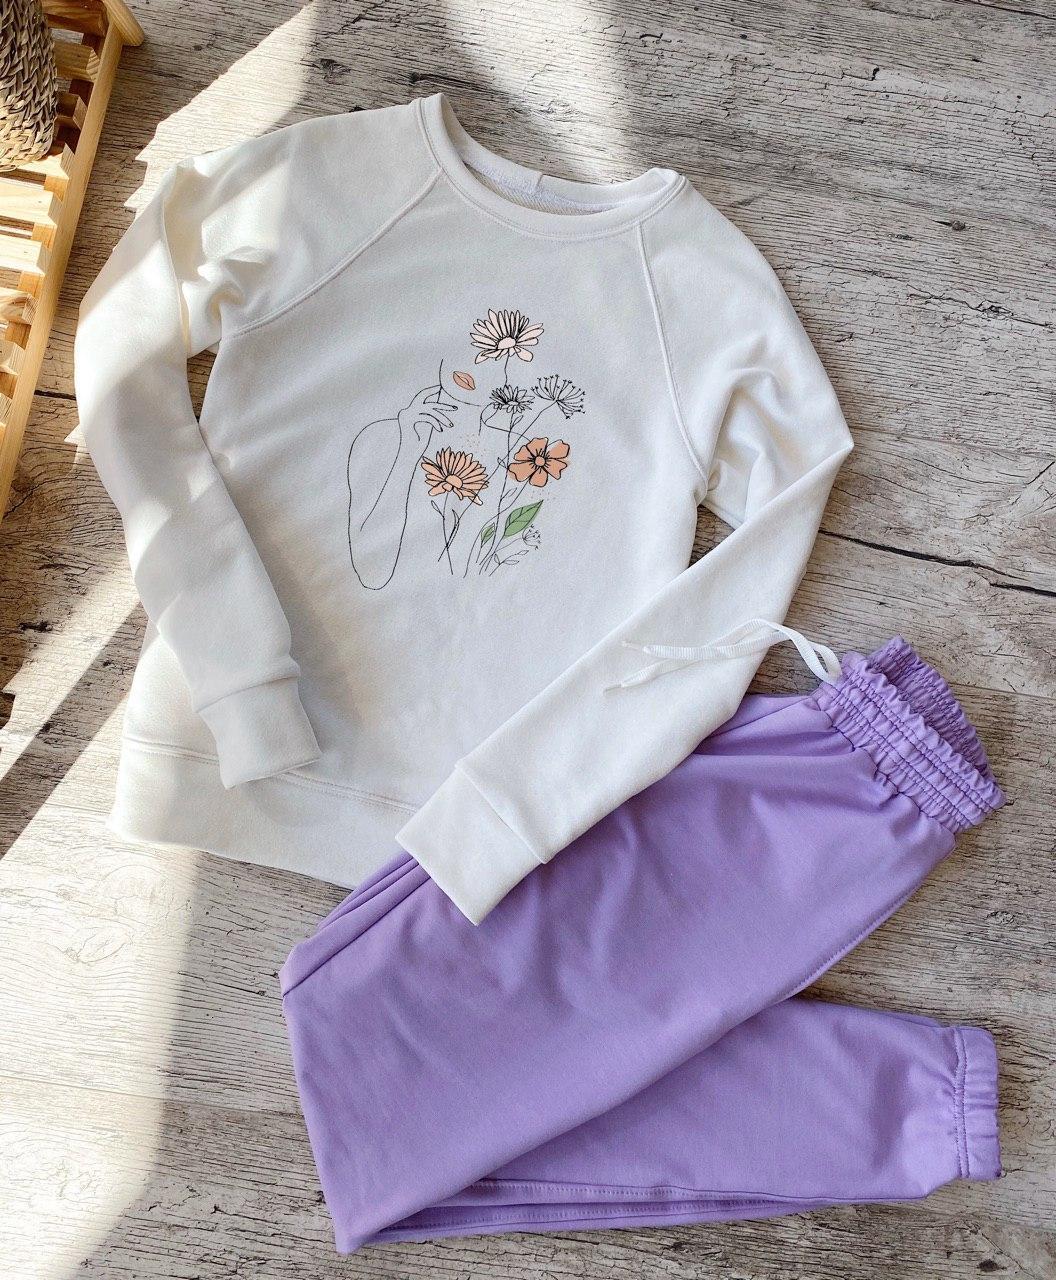 Спортивный костюм женский (реглан + штаны). Модный женский спортивный костюм (штаны + свитшот).